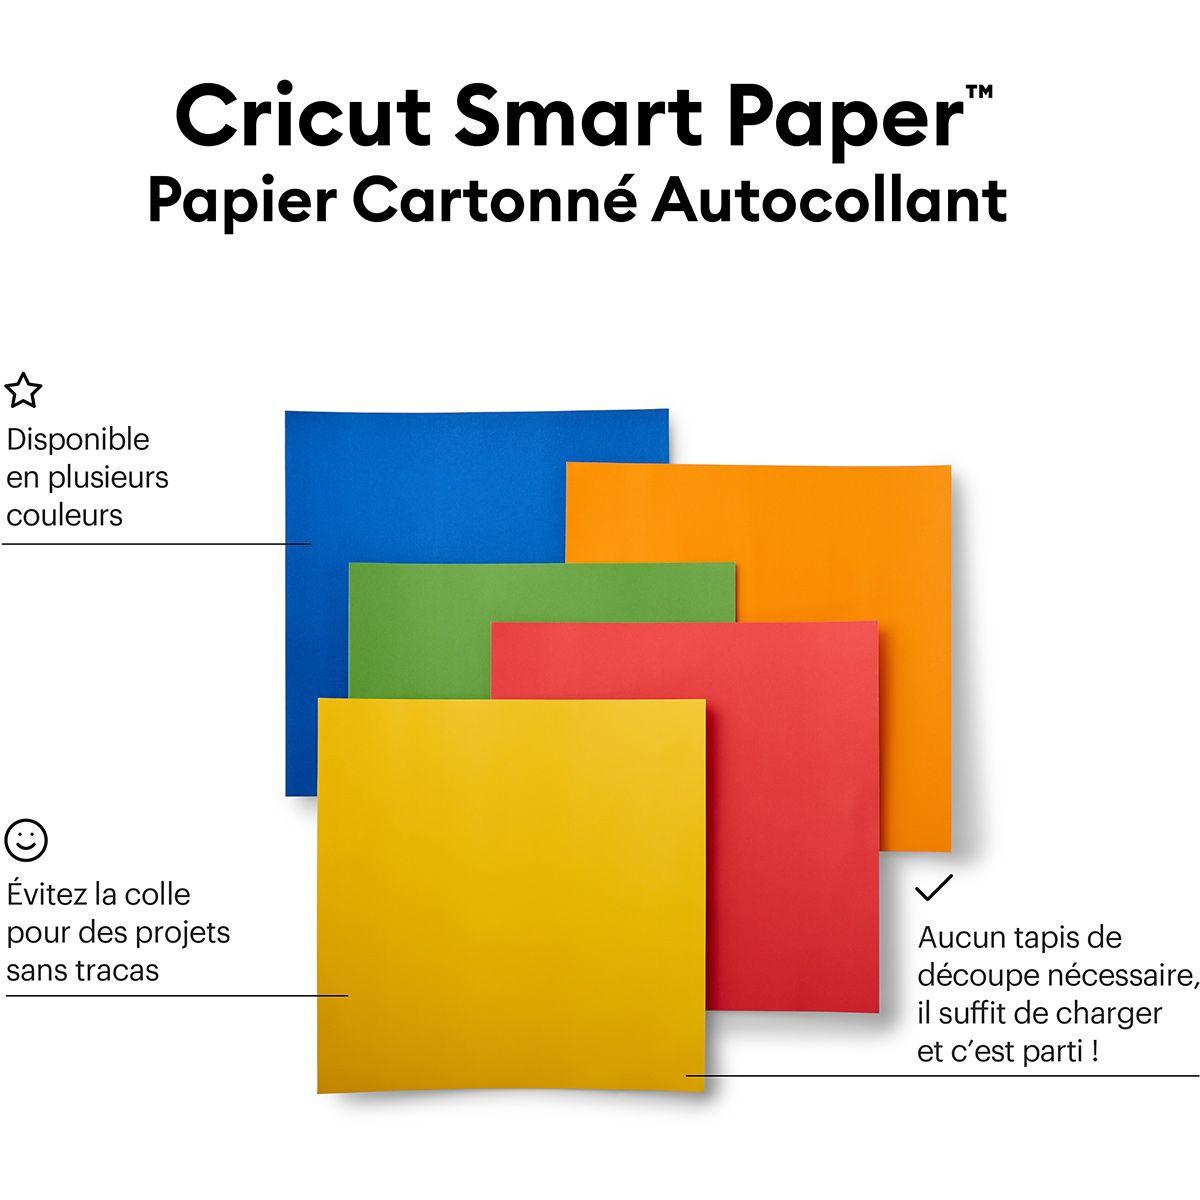 Papier cartonné autocollant Cricut Smart Paper - Coloré